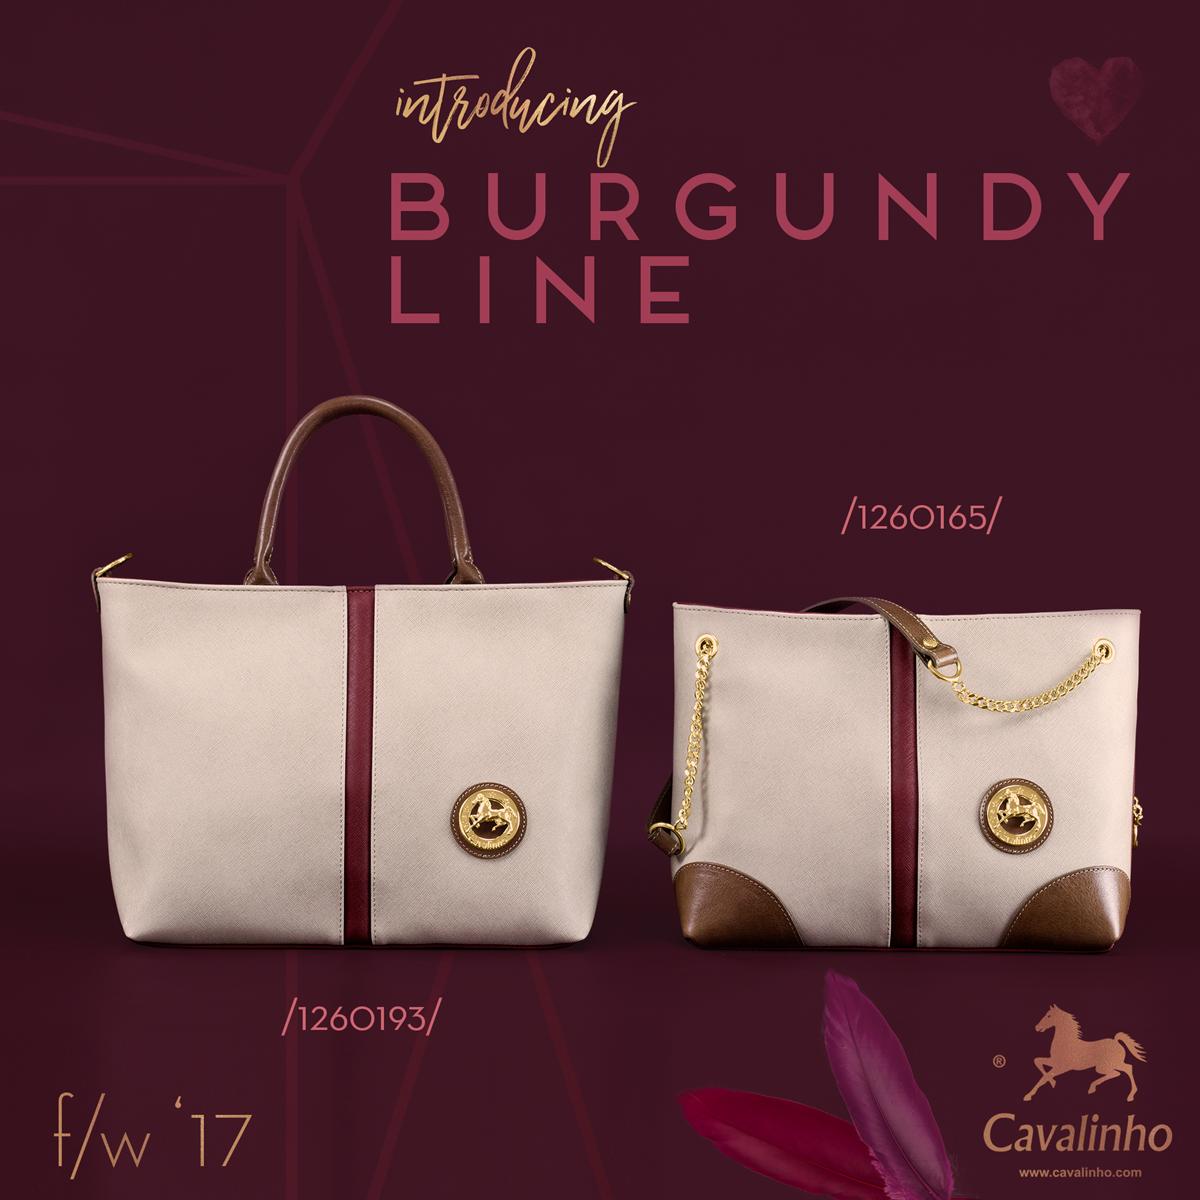 Nova Coleção Outono/Inverno 2017 Cavalinho - Burgundy Line